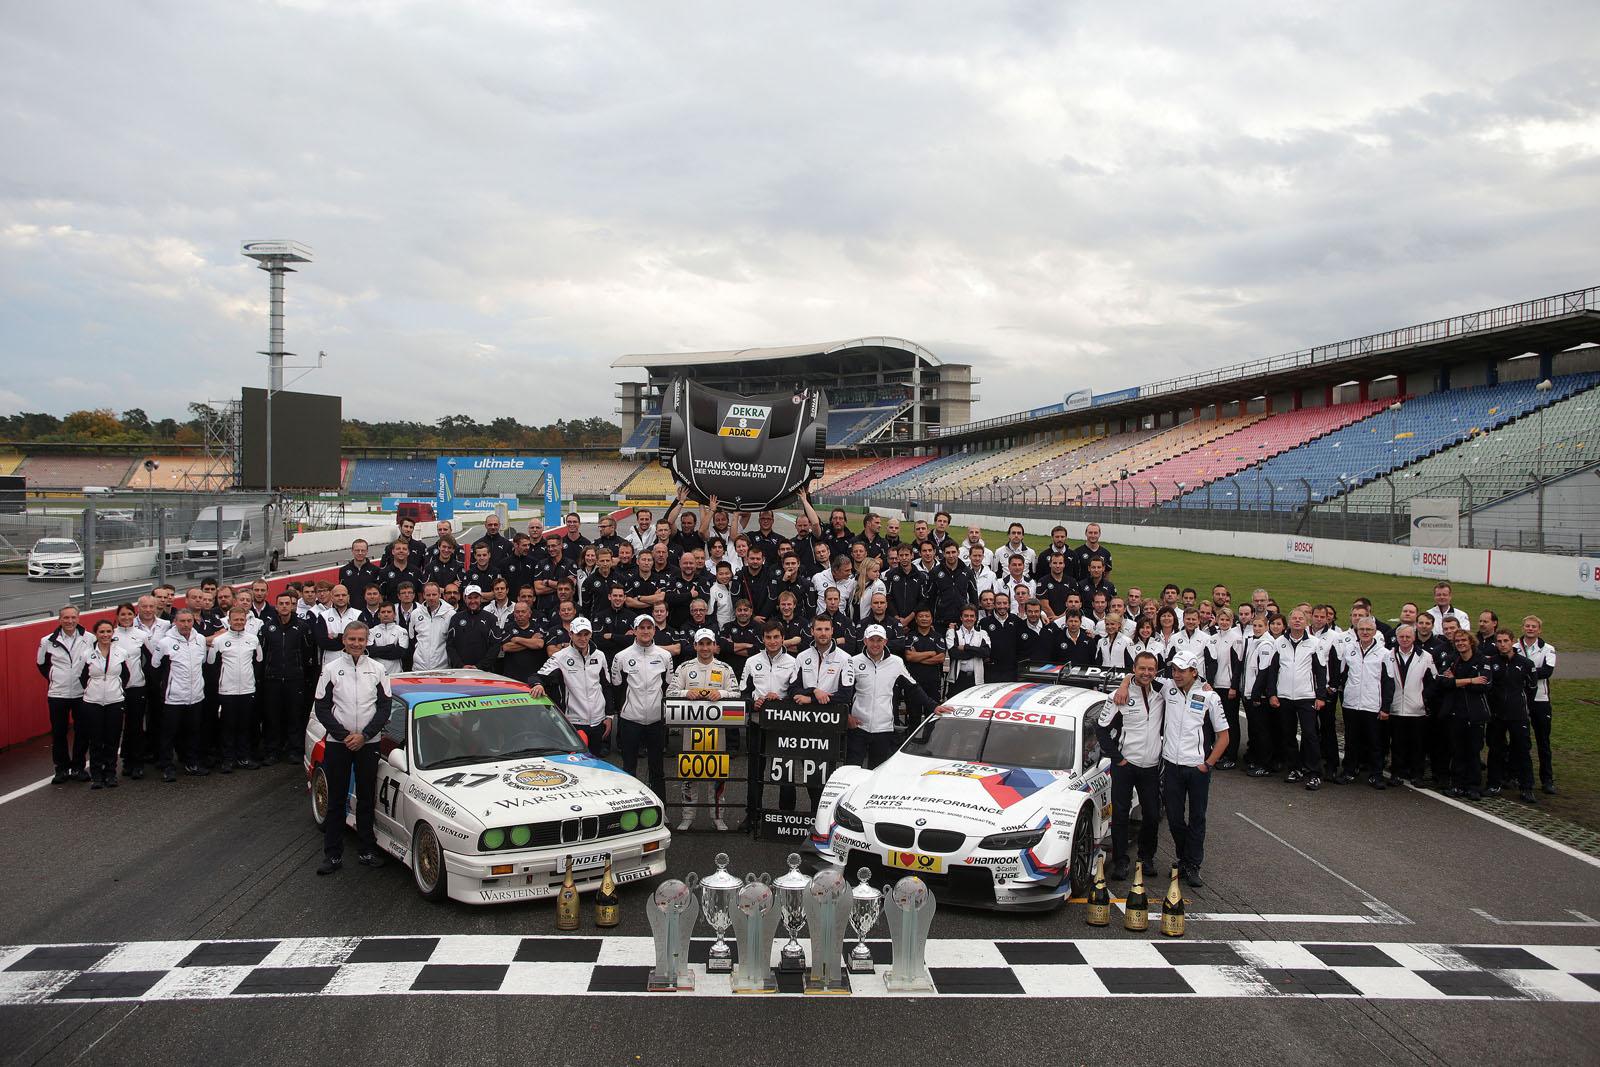 bmw champion des constructeurs en DTM